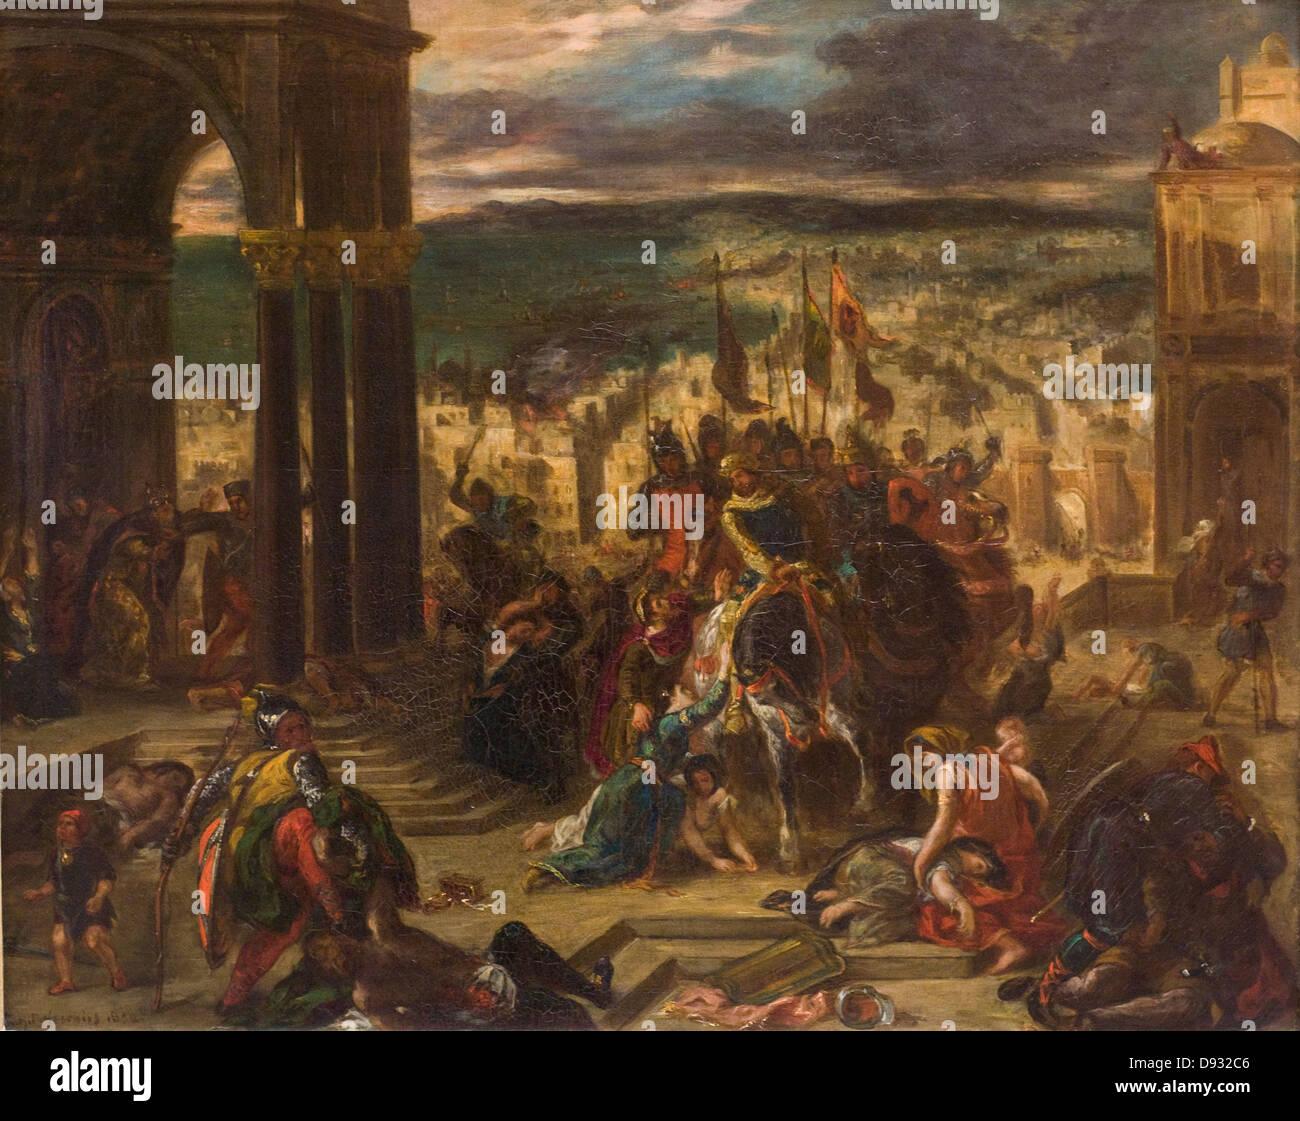 Eugène Delacroix Prise de Constantinople par les croisés - Taking of Constantinople by the Crusaders 1852 - Stock Image